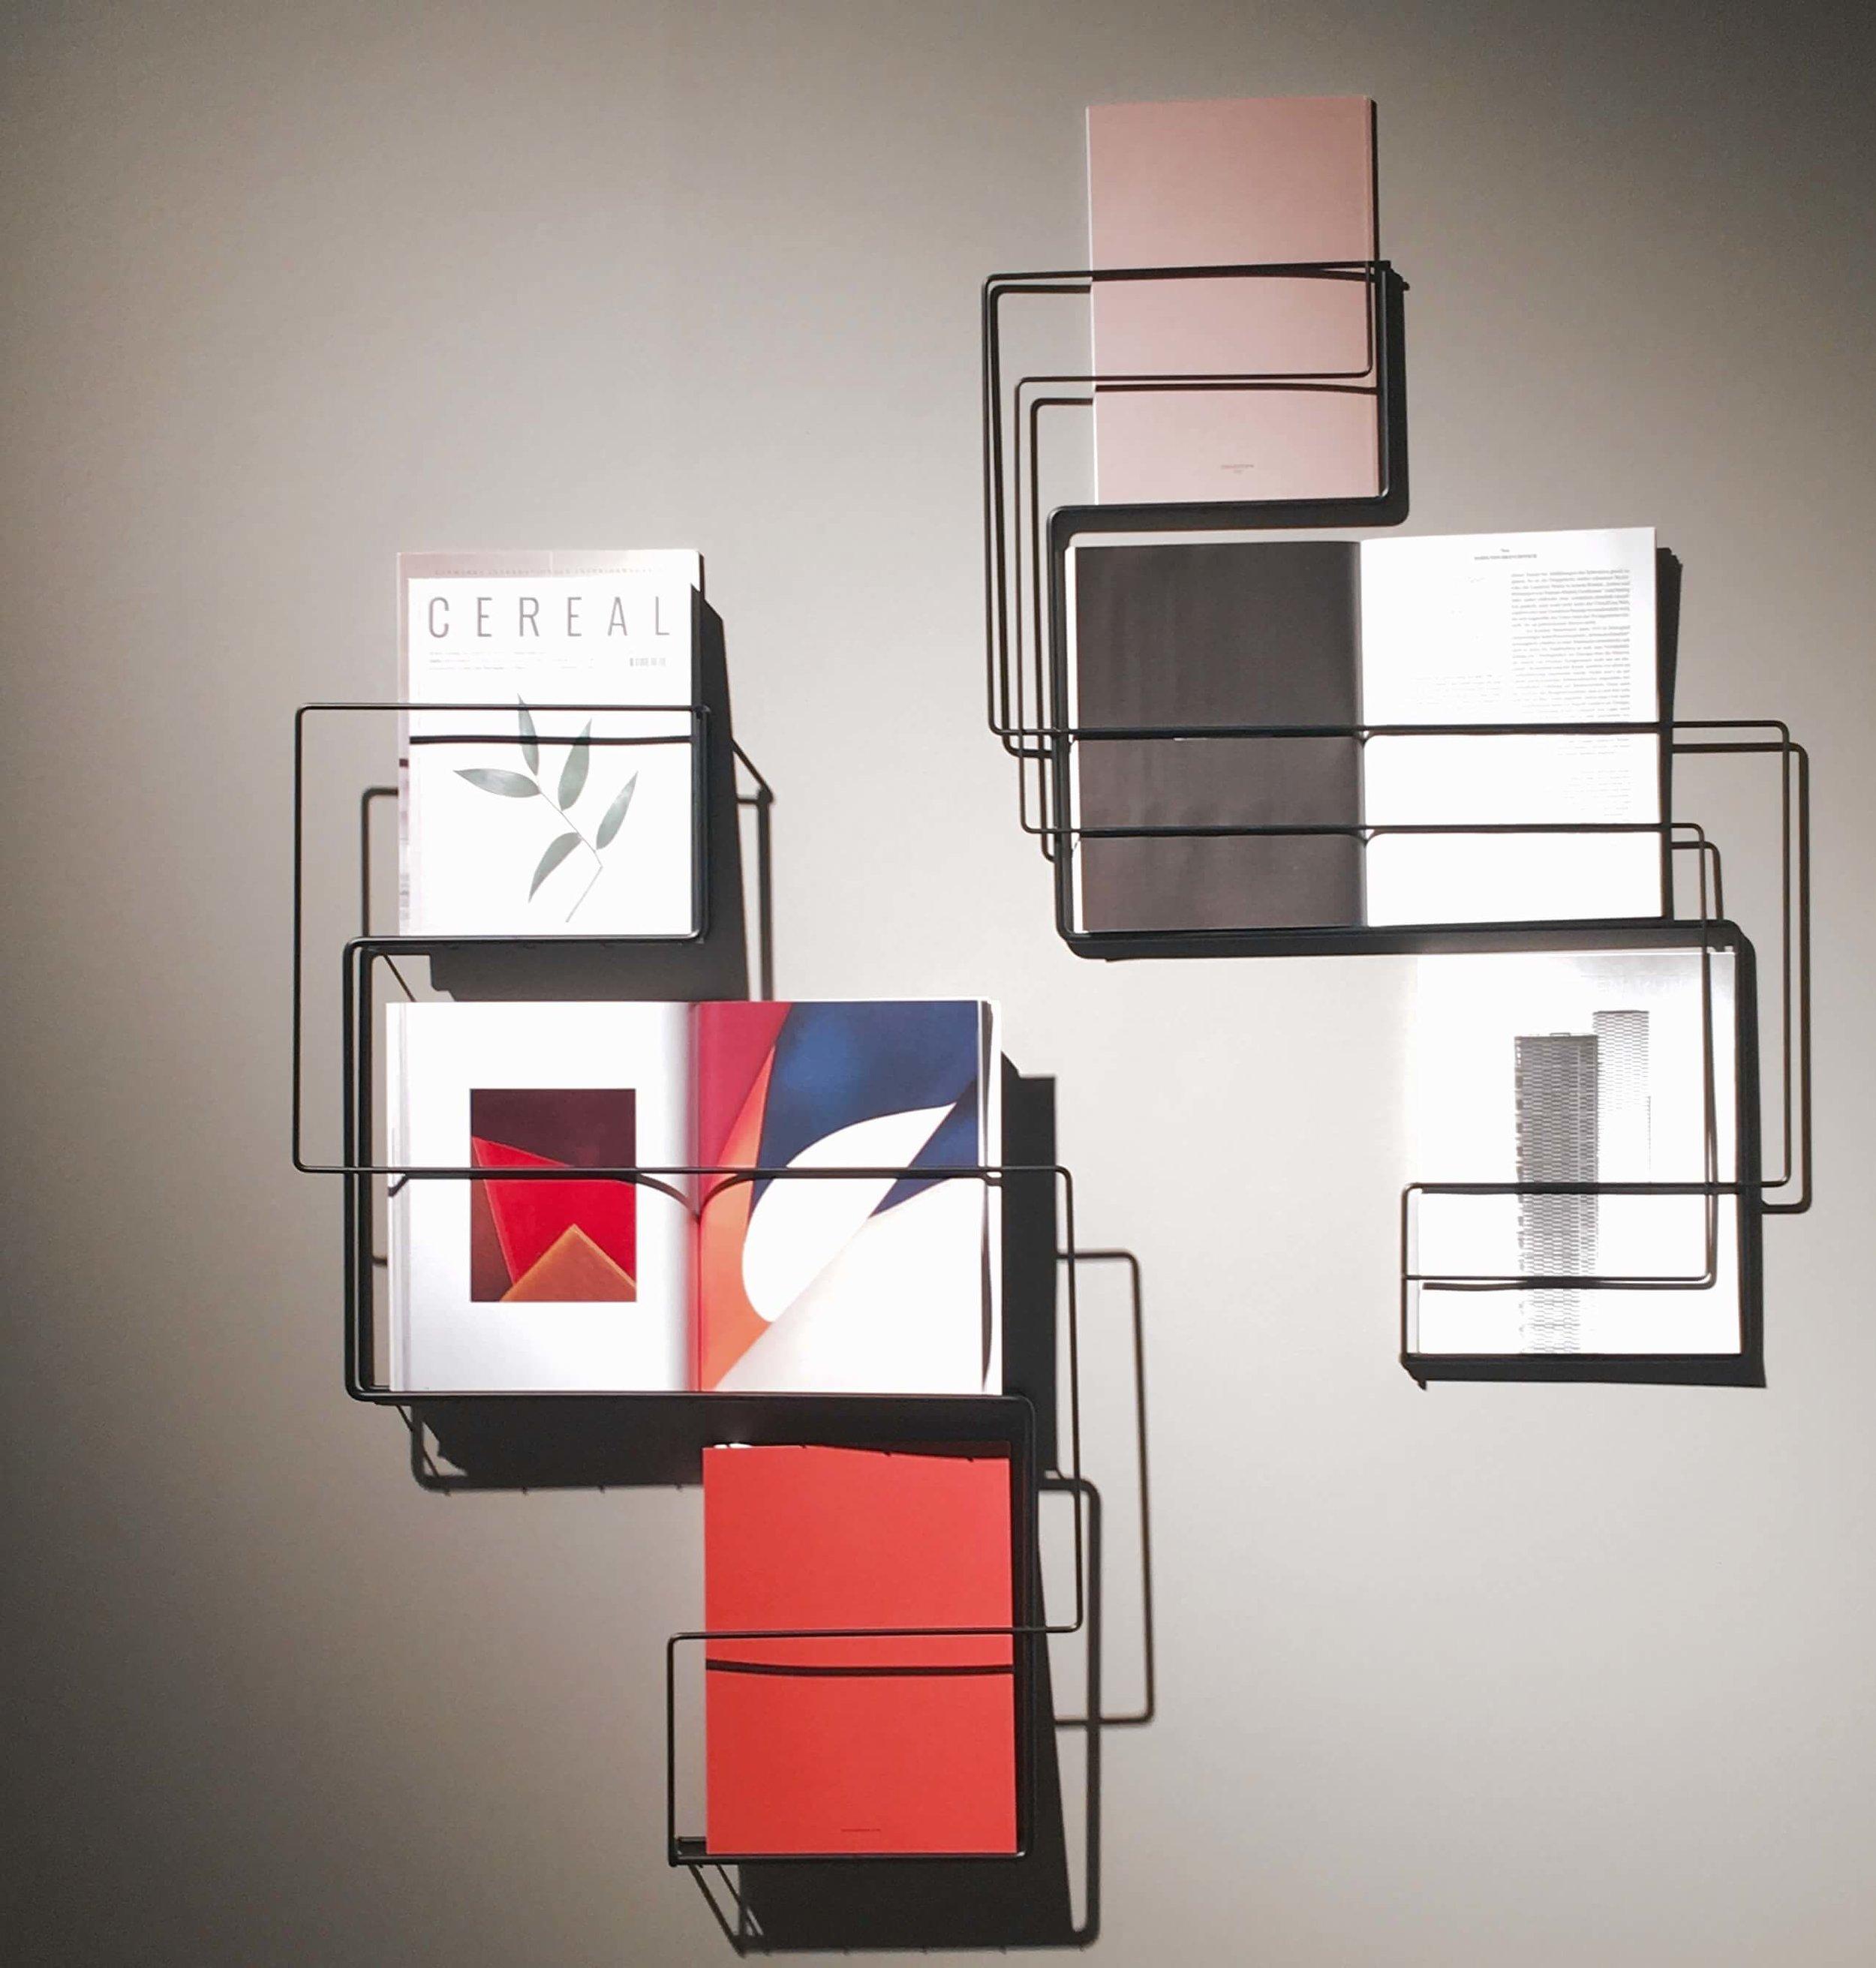 Wire Zeitschriftenregal aus Stahldraht, Entwurf von Pure Talent Anna-Maria Nilsson